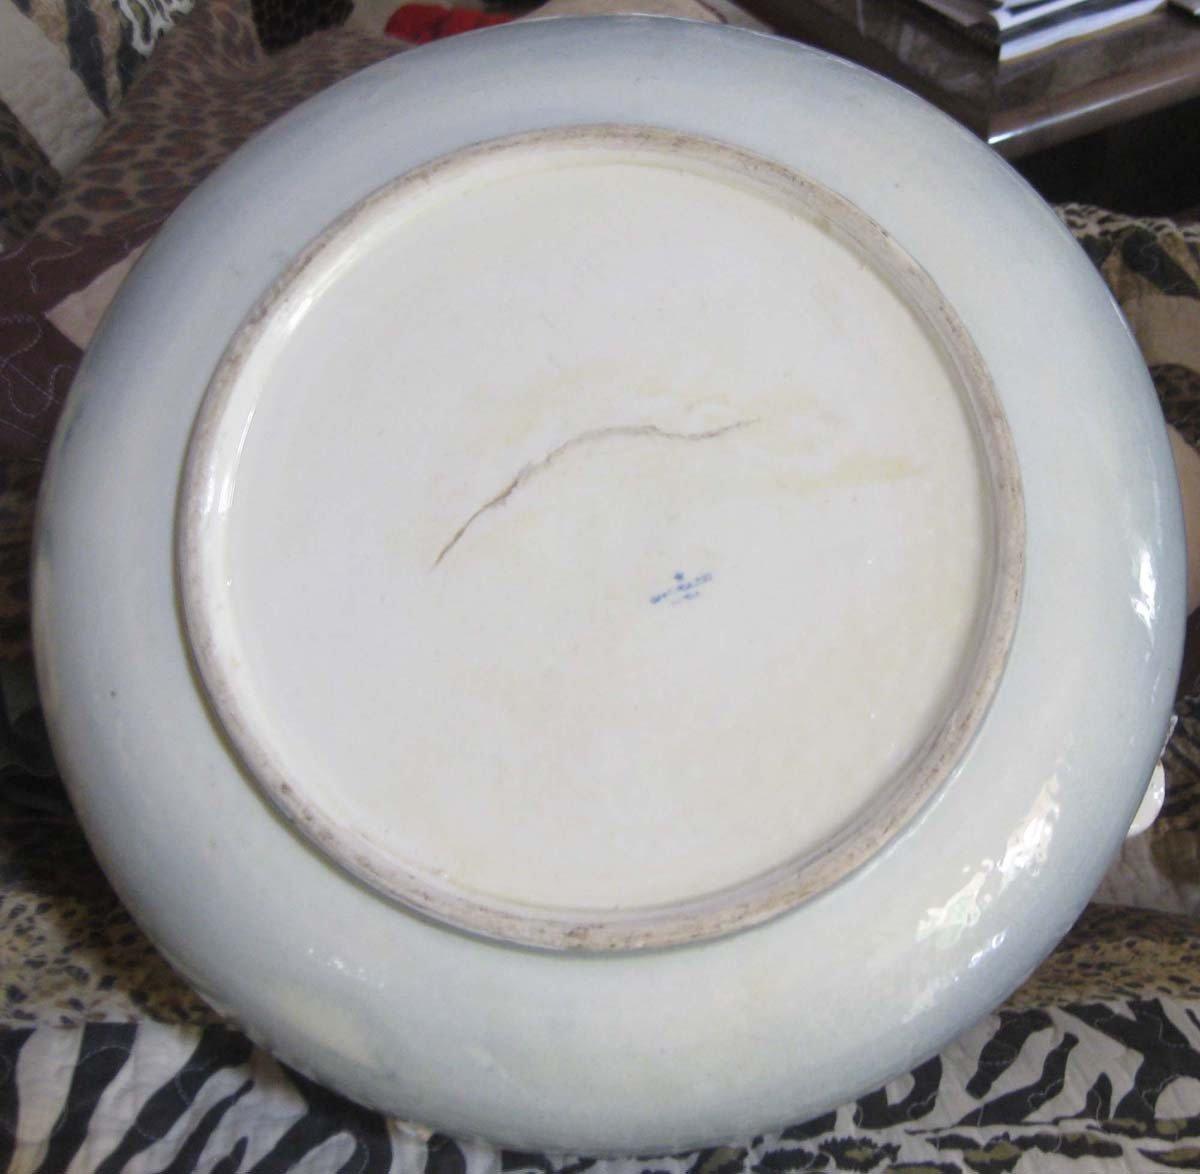 galerie-bosetti-antiquites porcelaine italienne verso